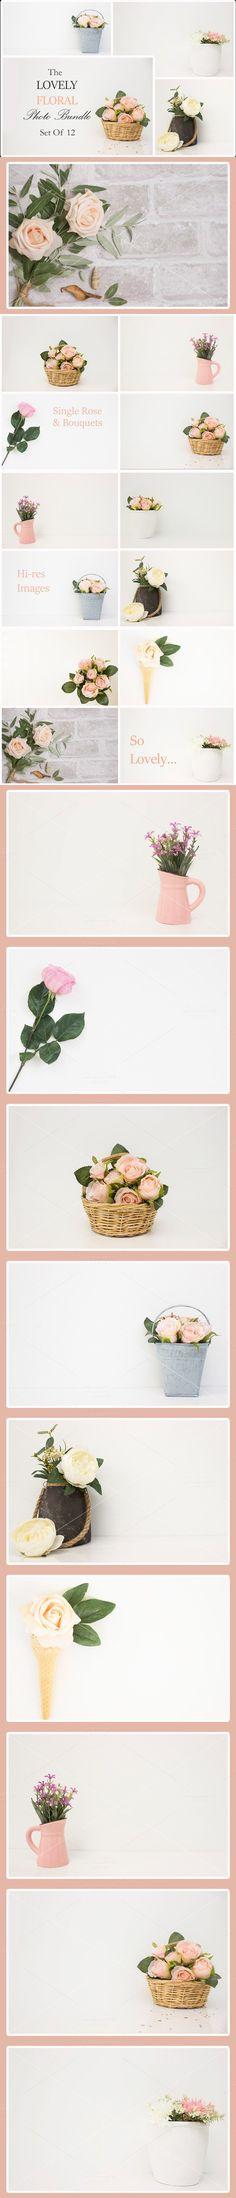 The Lovely Floral Bundle & Set of 12